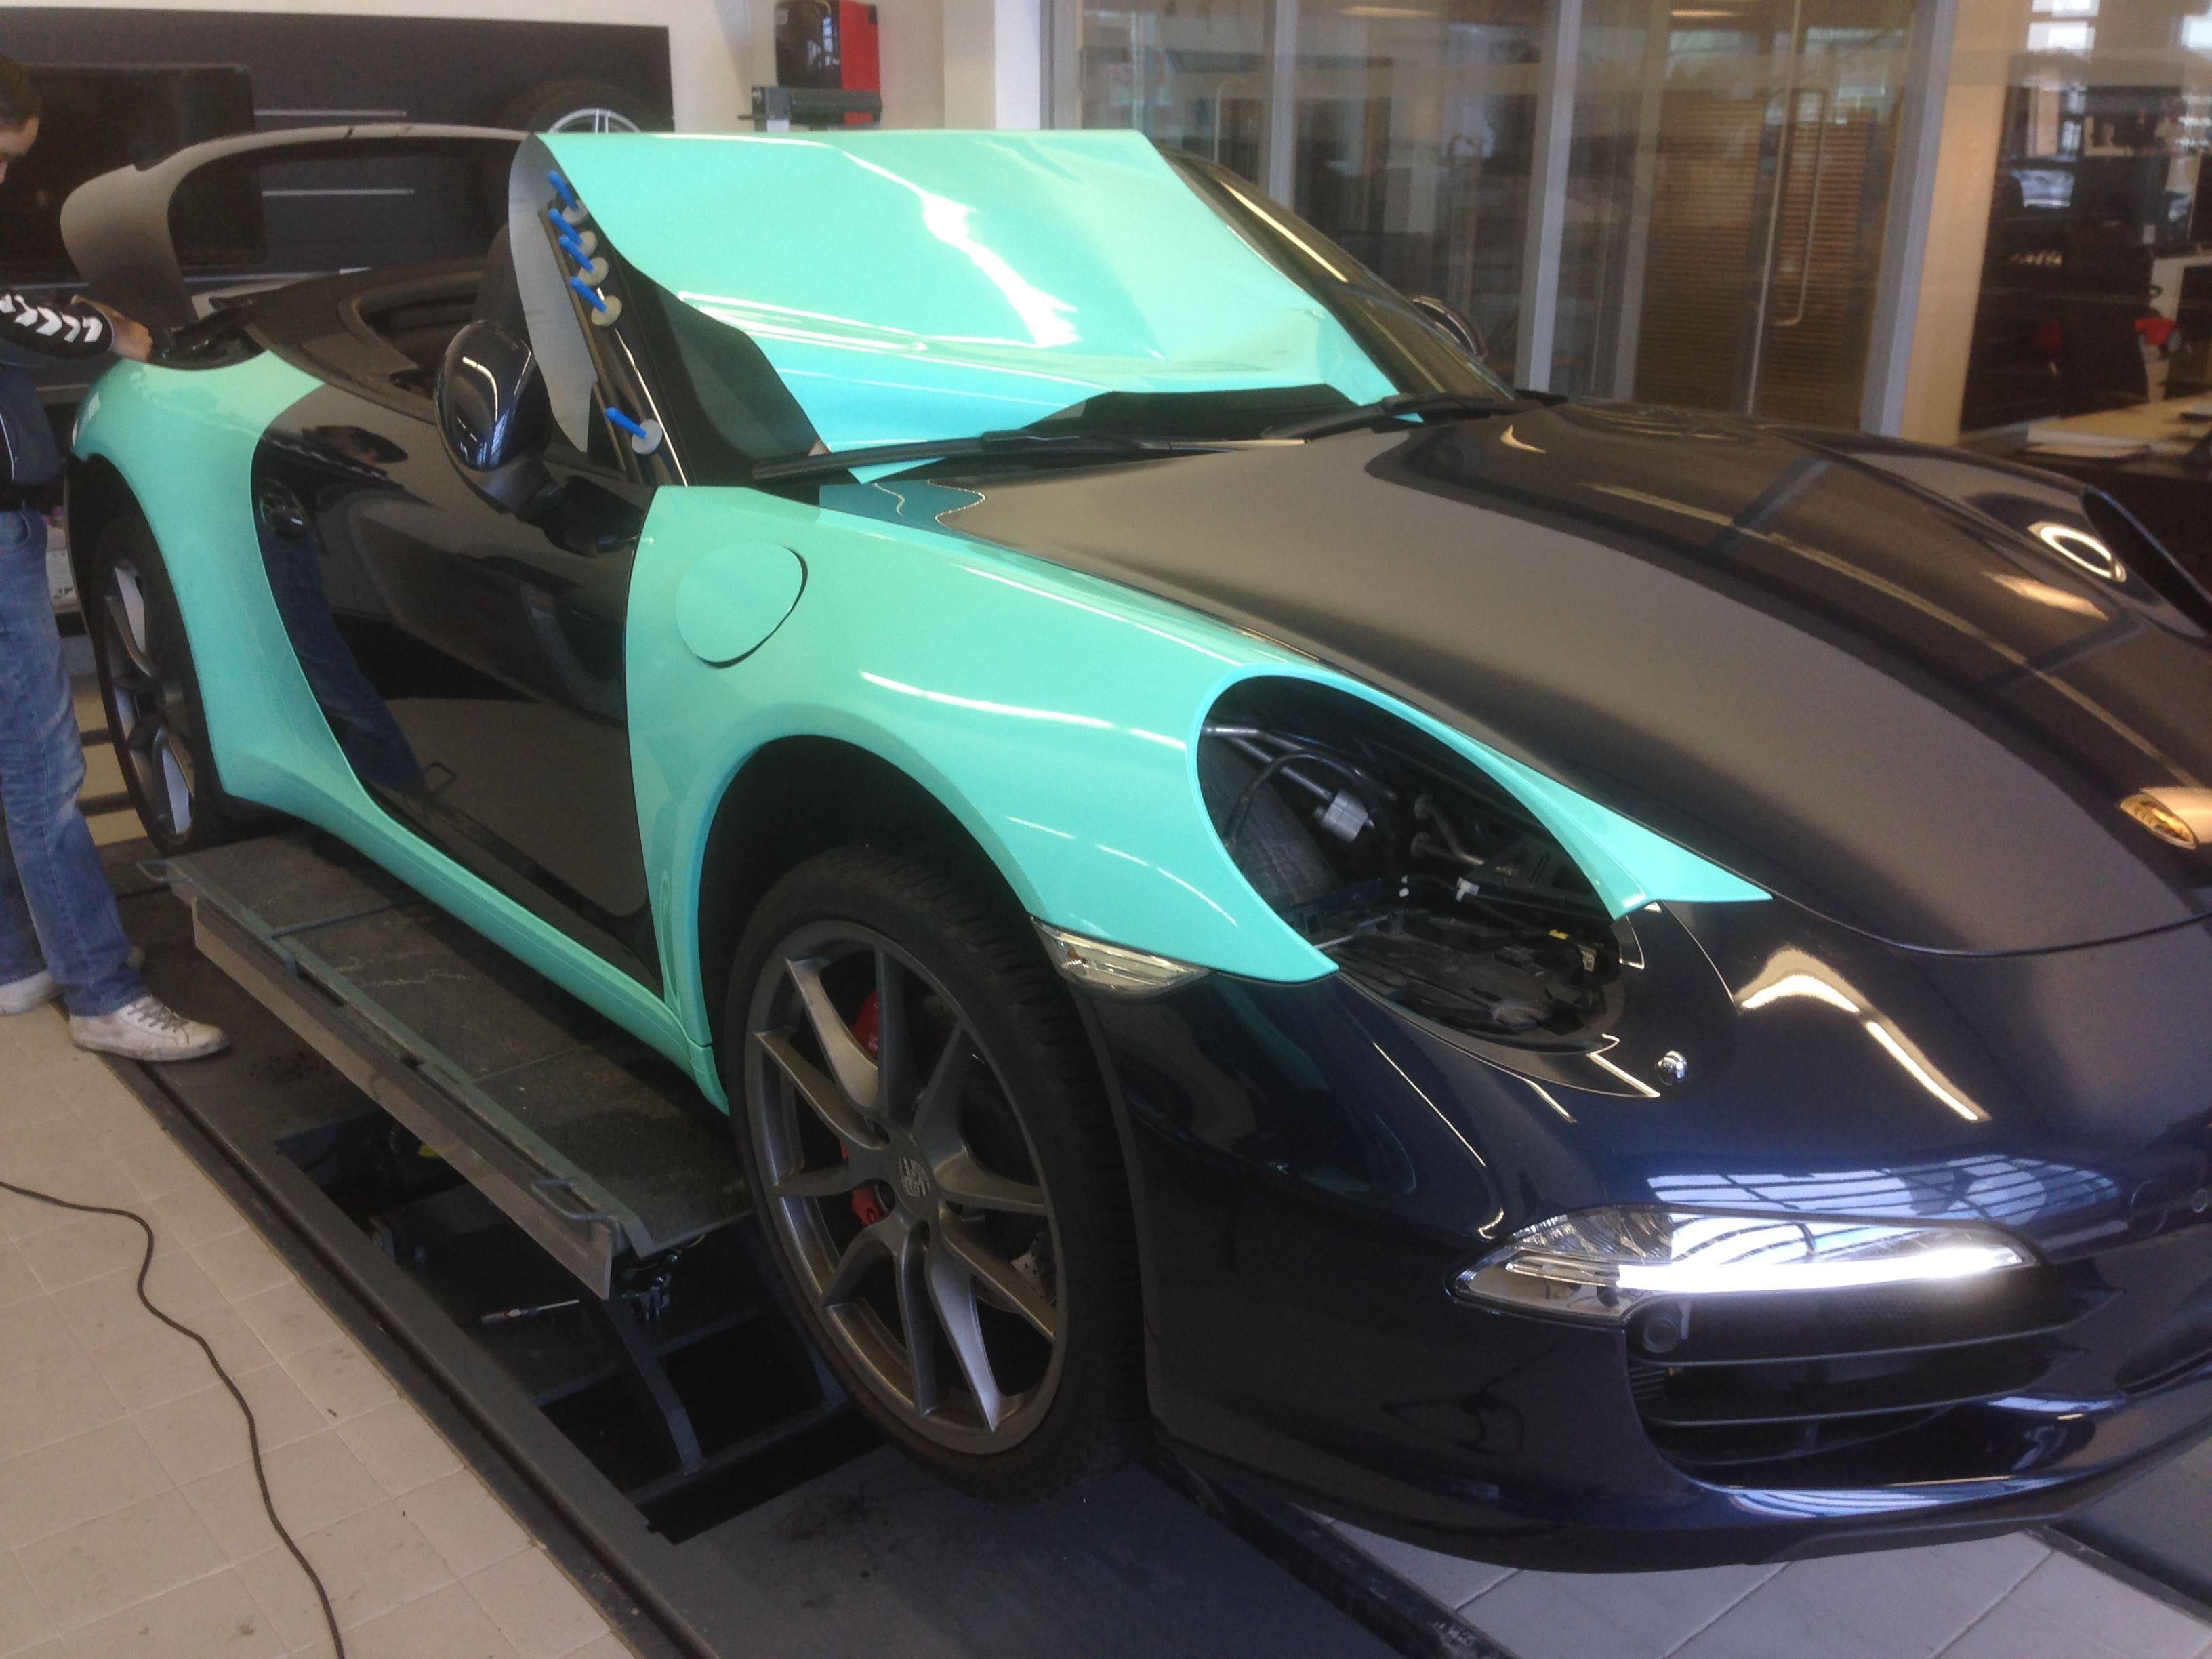 Porsche Carrera Turbo S Cabrio met Mint Green Wrap, Carwrapping door Wrapmyride.nu Foto-nr:6732, ©2021